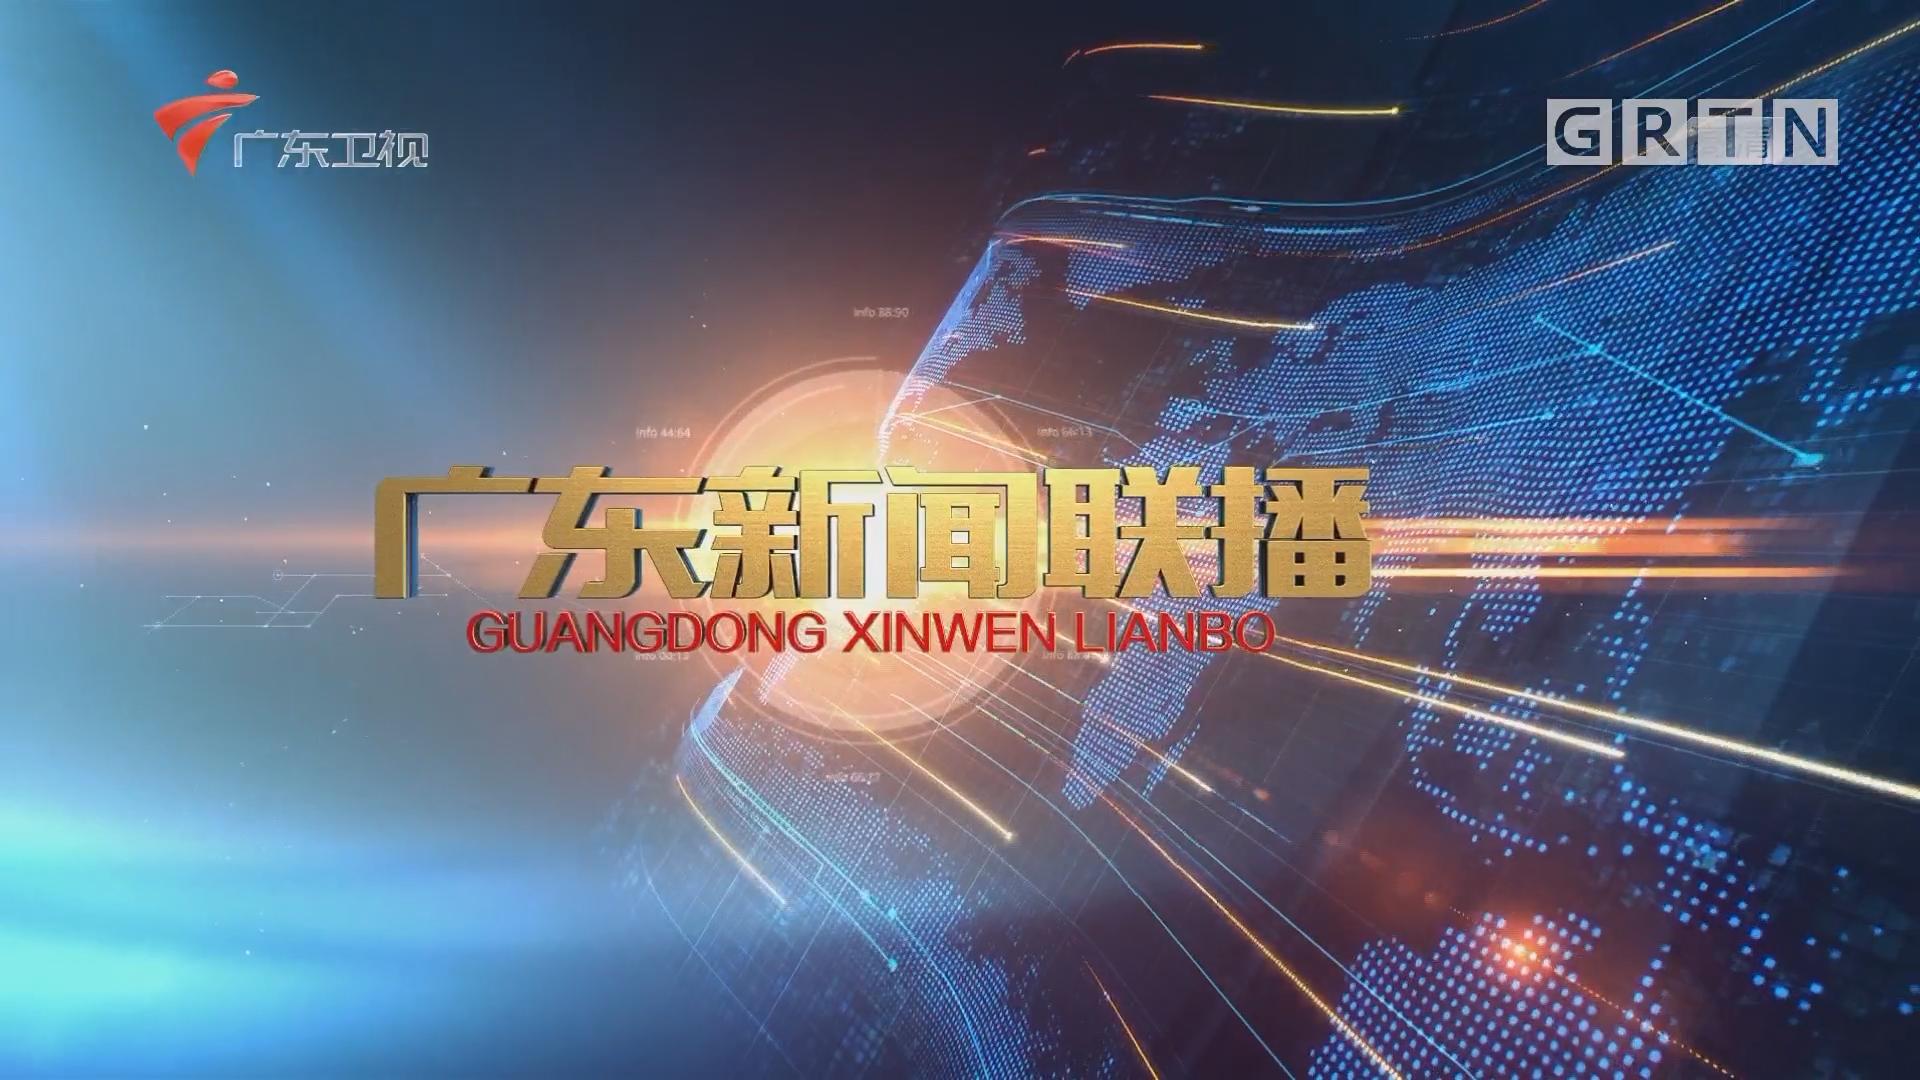 [HD][2019-04-09]广东新闻联播:云浮:依靠绿水青山发展产业 推进乡村振兴走在前列